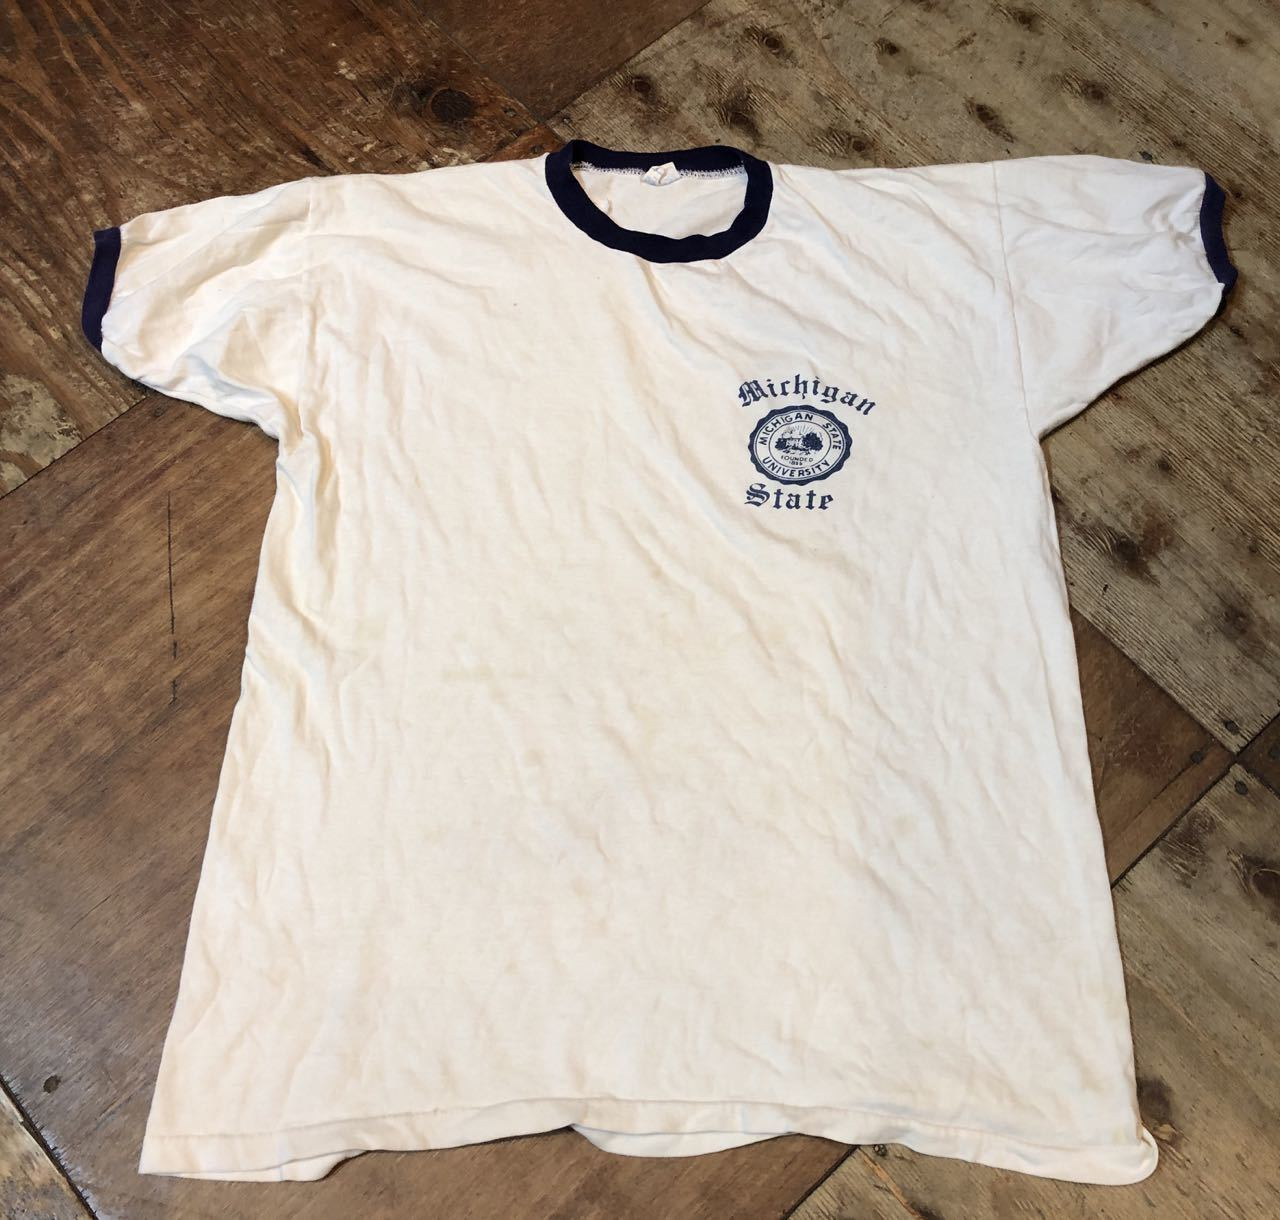 8月10日(土)入荷!70s チャンピオン バータグ 染み込みプリント リンガーTシャツ!_c0144020_16460263.jpg